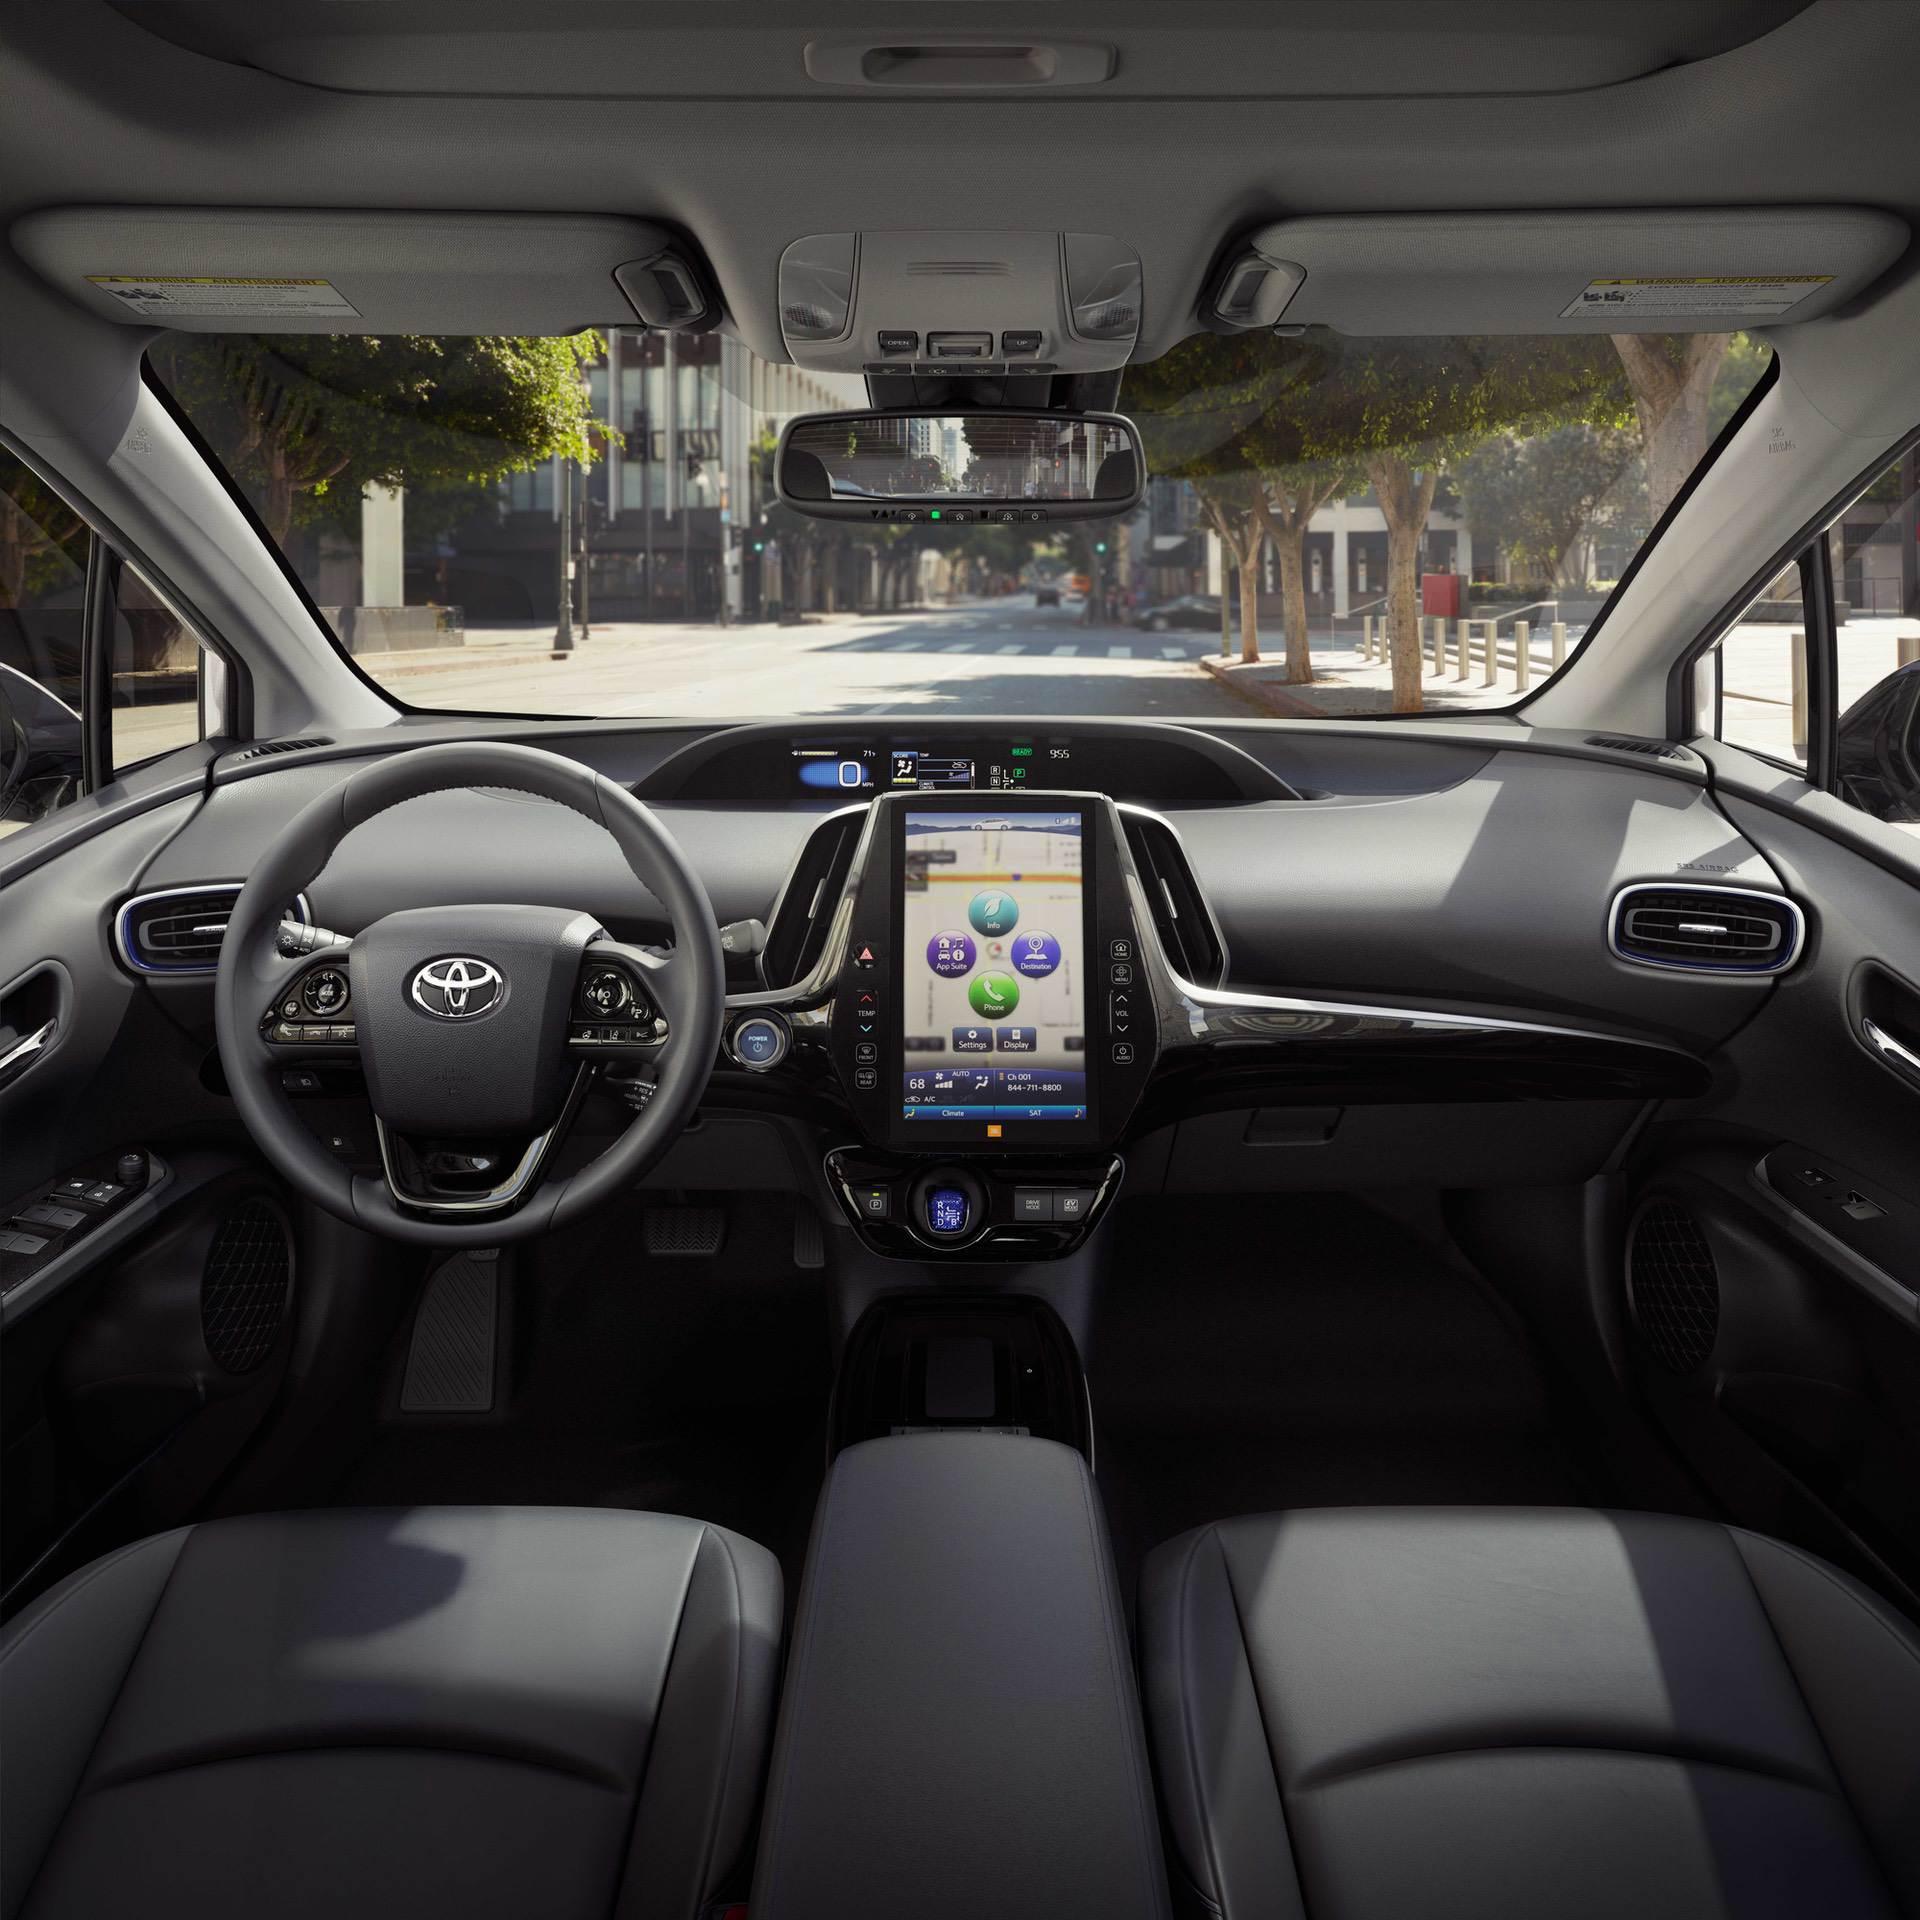 2019_Toyota_Prius_facelift0010